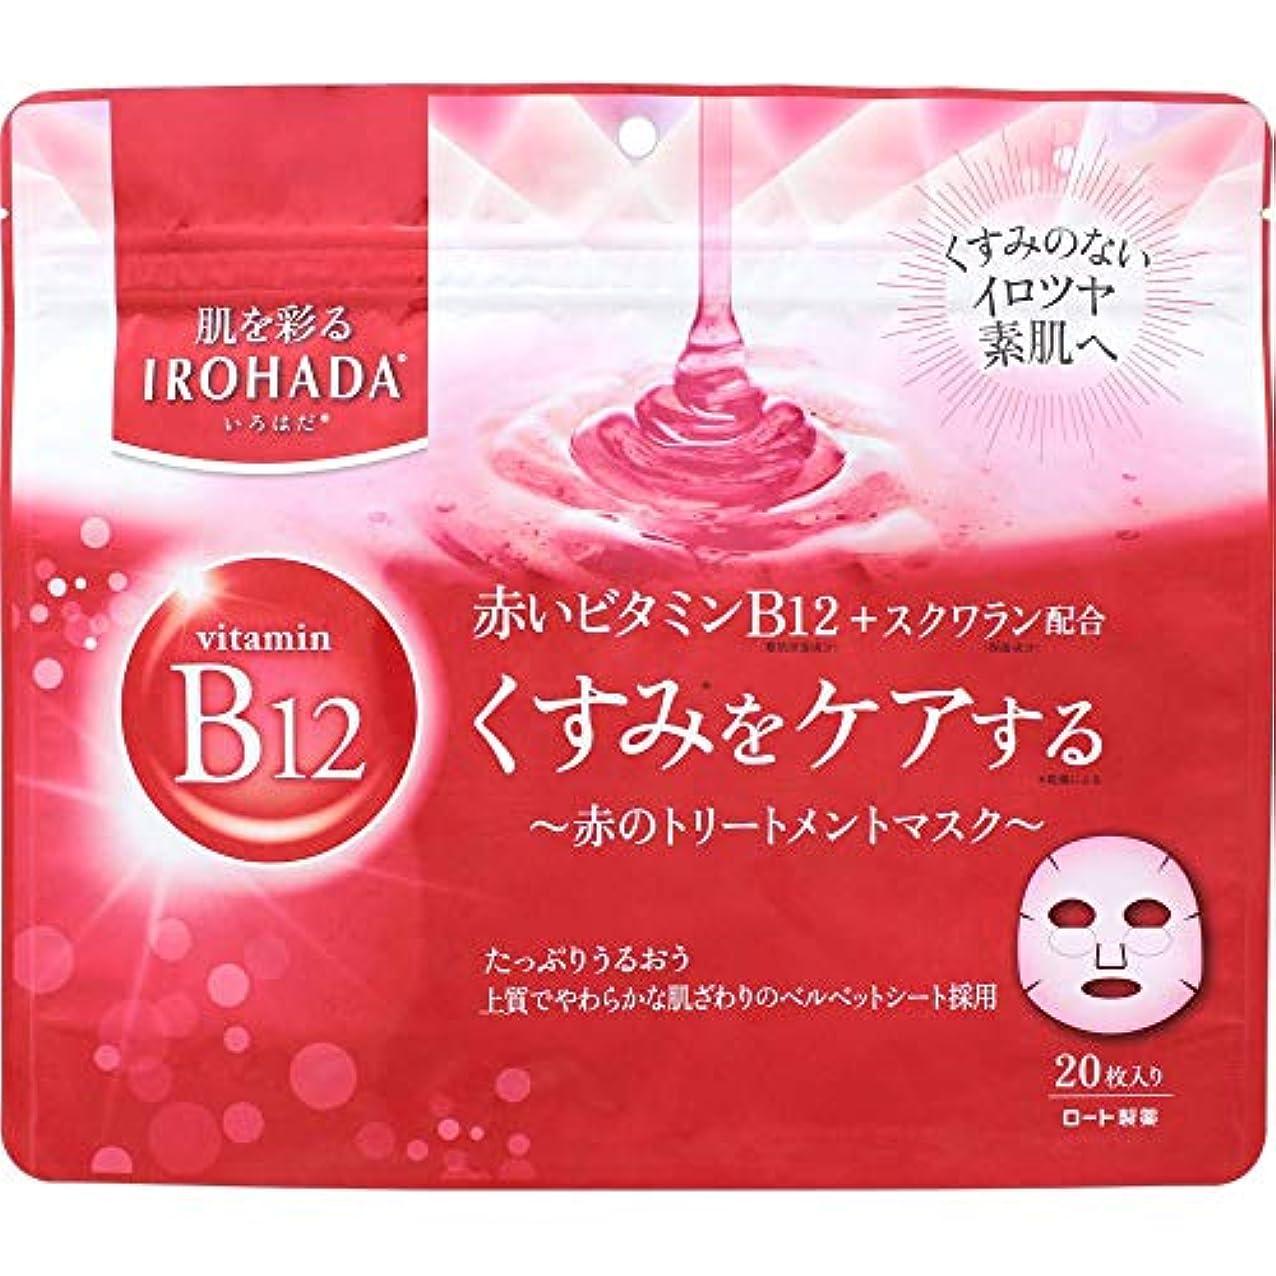 お風呂を持っているインシュレータバンドル【3袋セット】 ロート製薬 いろはだ (IROHADA) 赤いビタミンB12×スクワラン配合 トリートメントマスク 20枚入り × 3袋